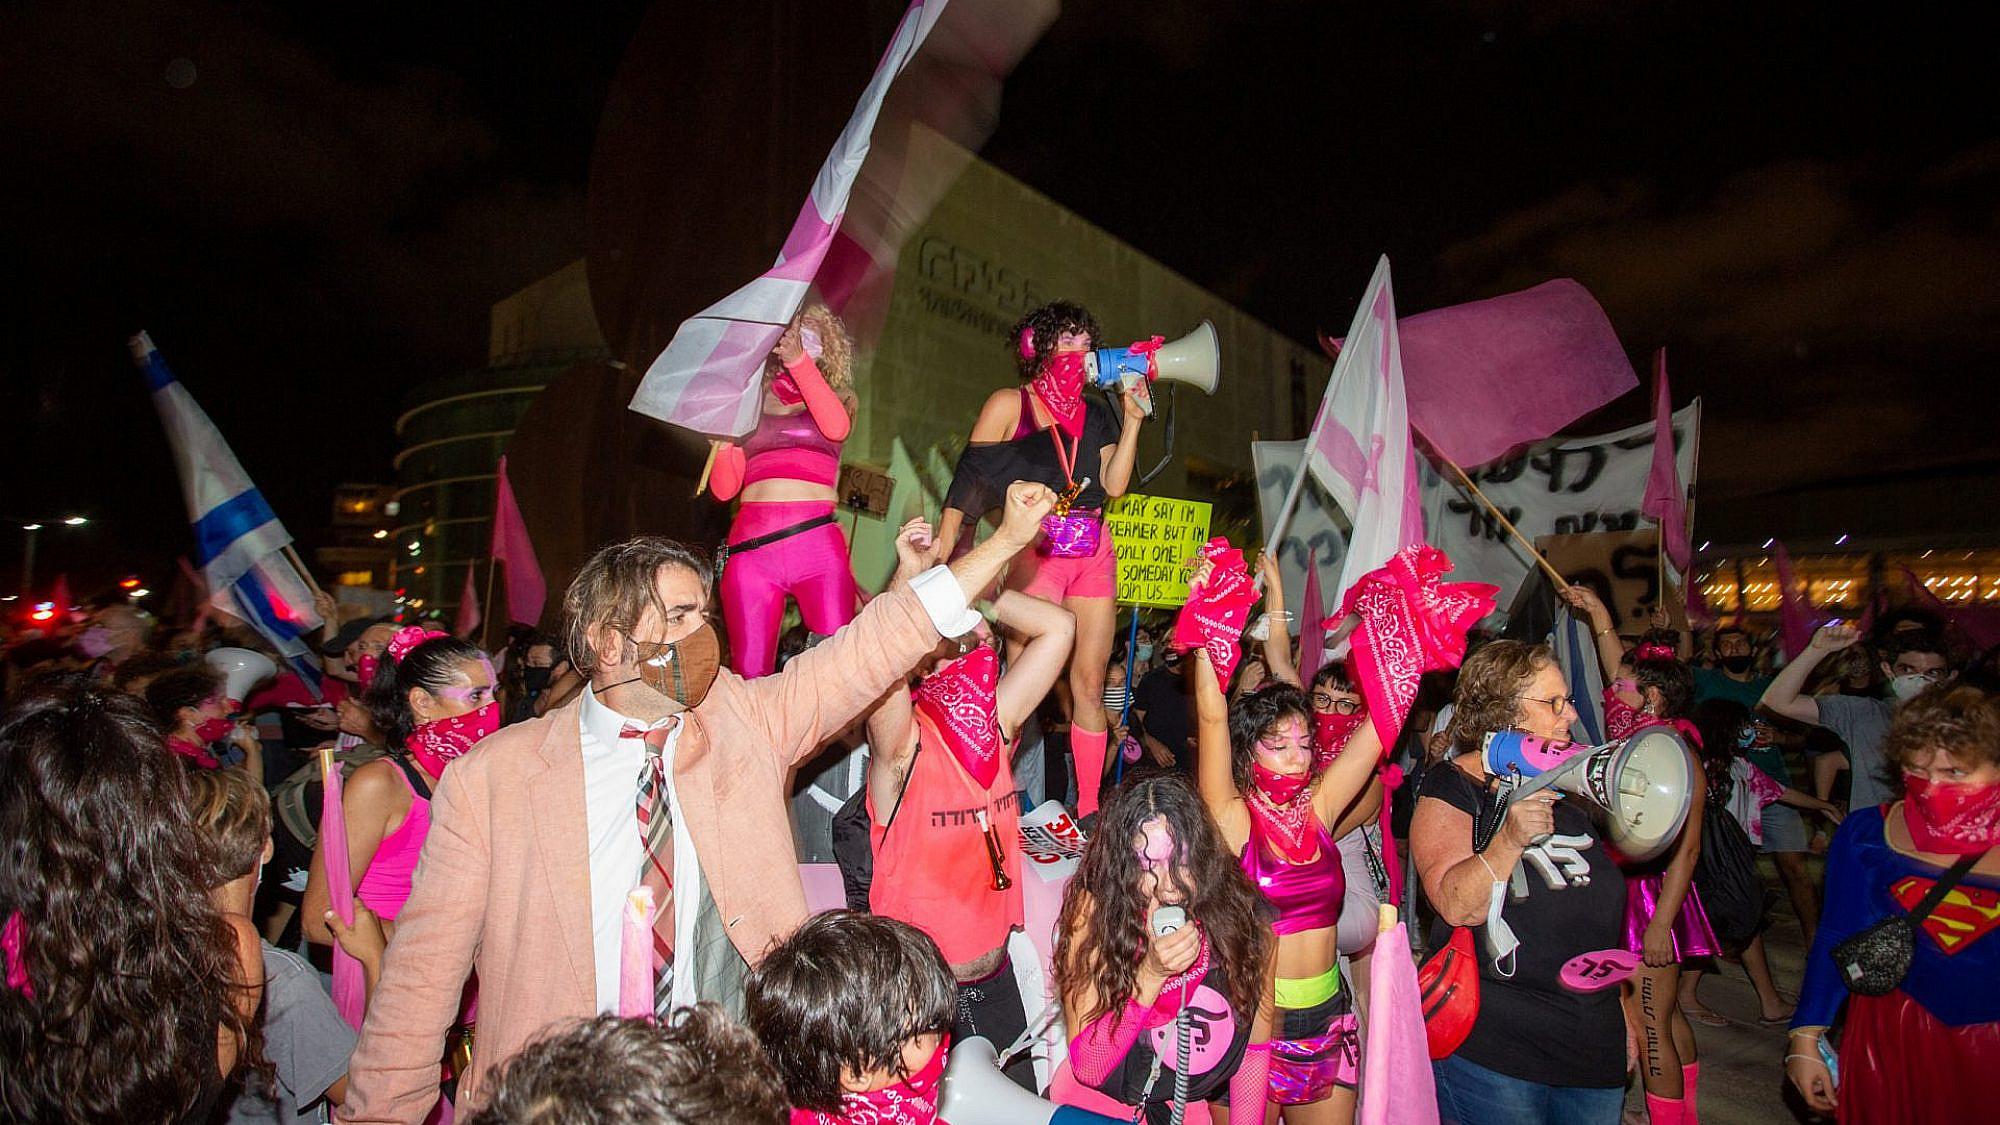 לא עוצרות בעצרת. פעילות החזית הוורודה במחאת בלפור (צילום: שאטרסטוק)